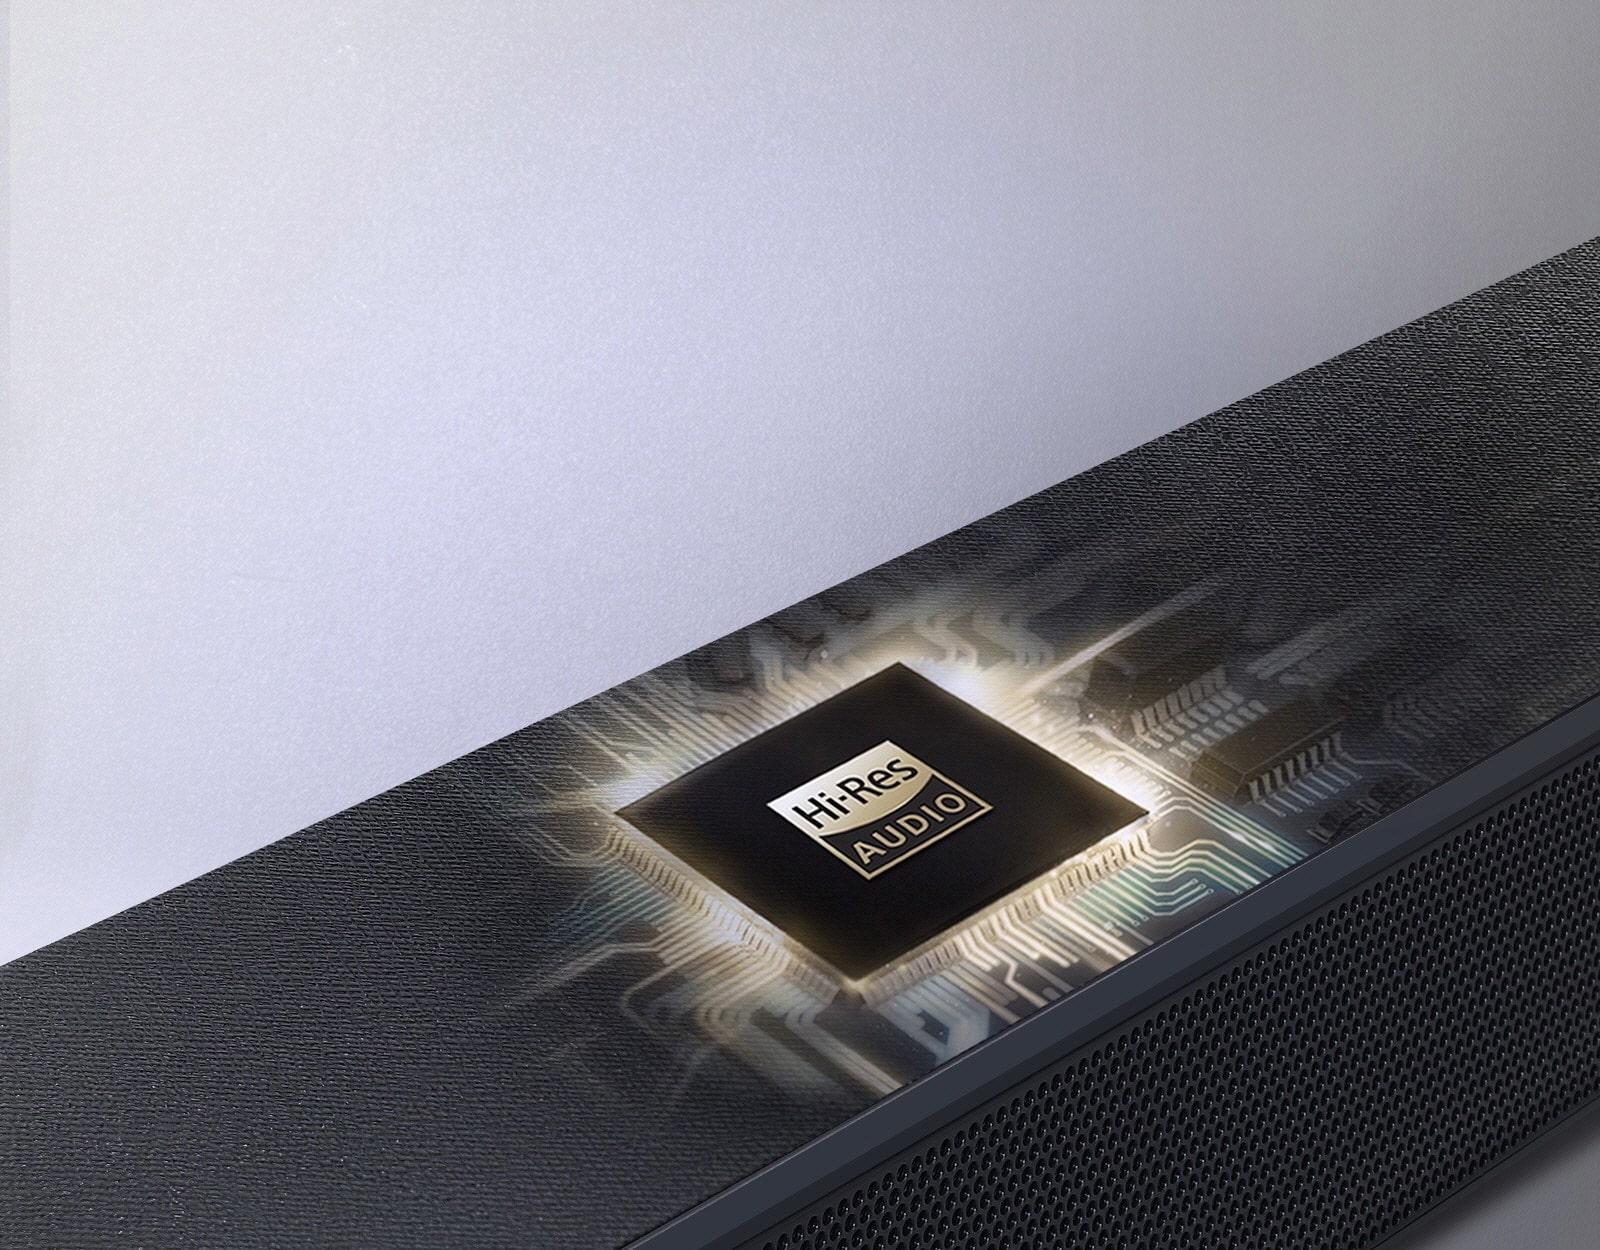 CAV-SoundBar-SL5Y-02-High-Resoltuion-Audio-Desktop